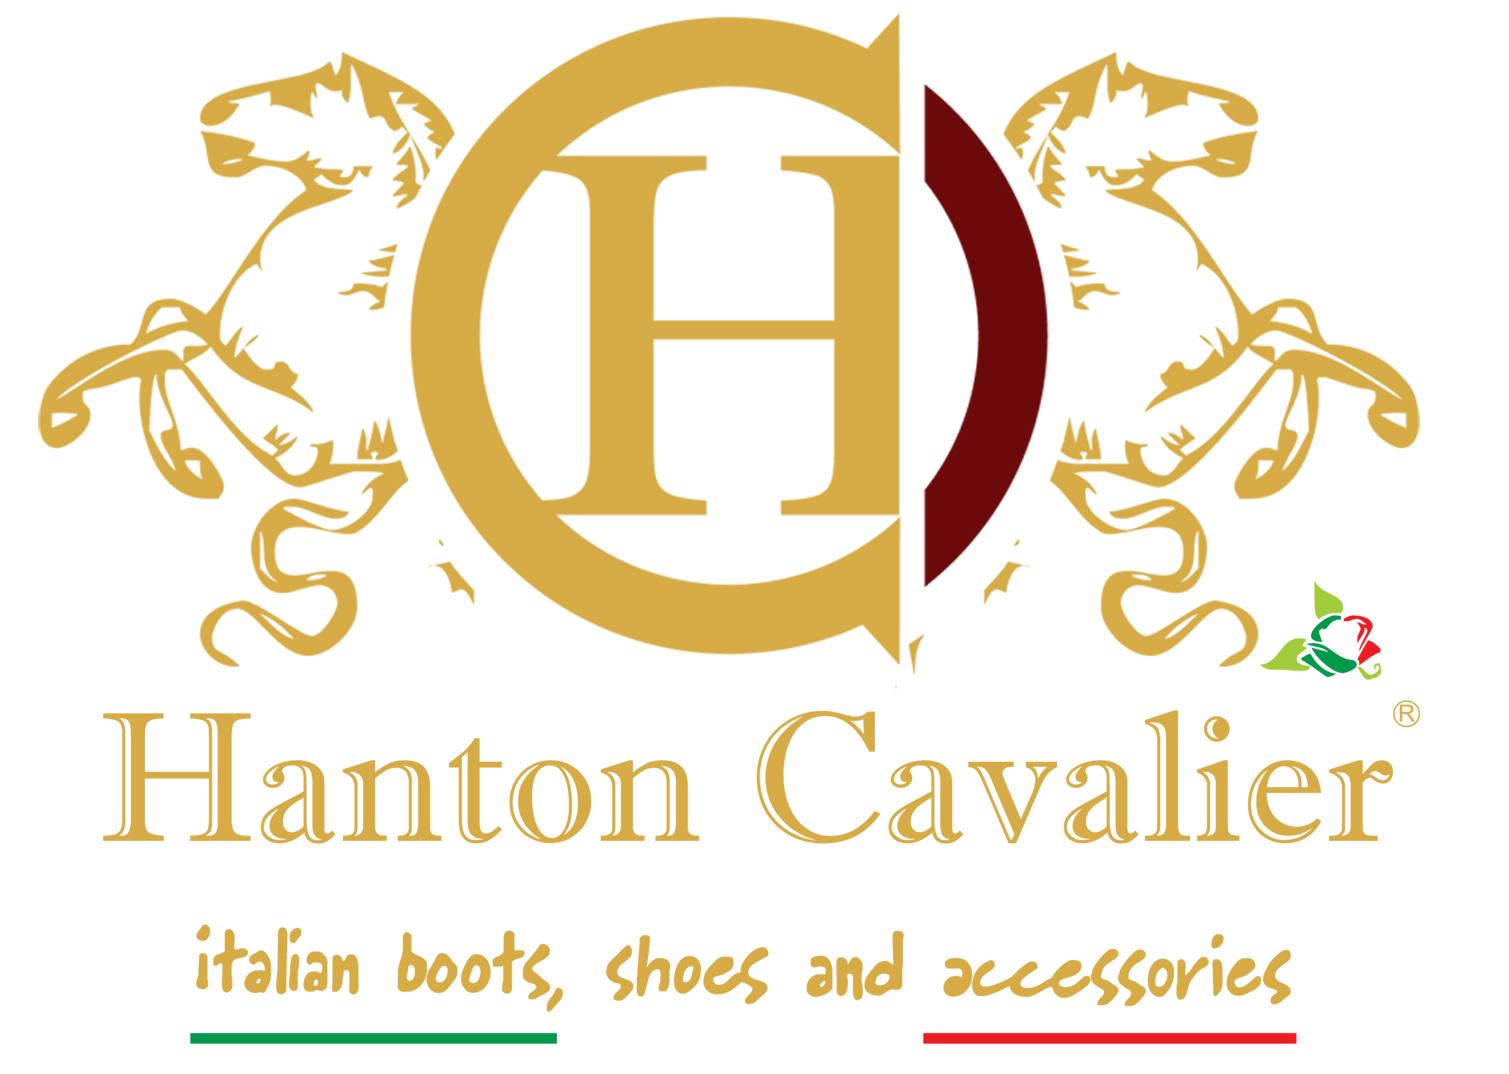 STIVALI HANTON & CAVALIER